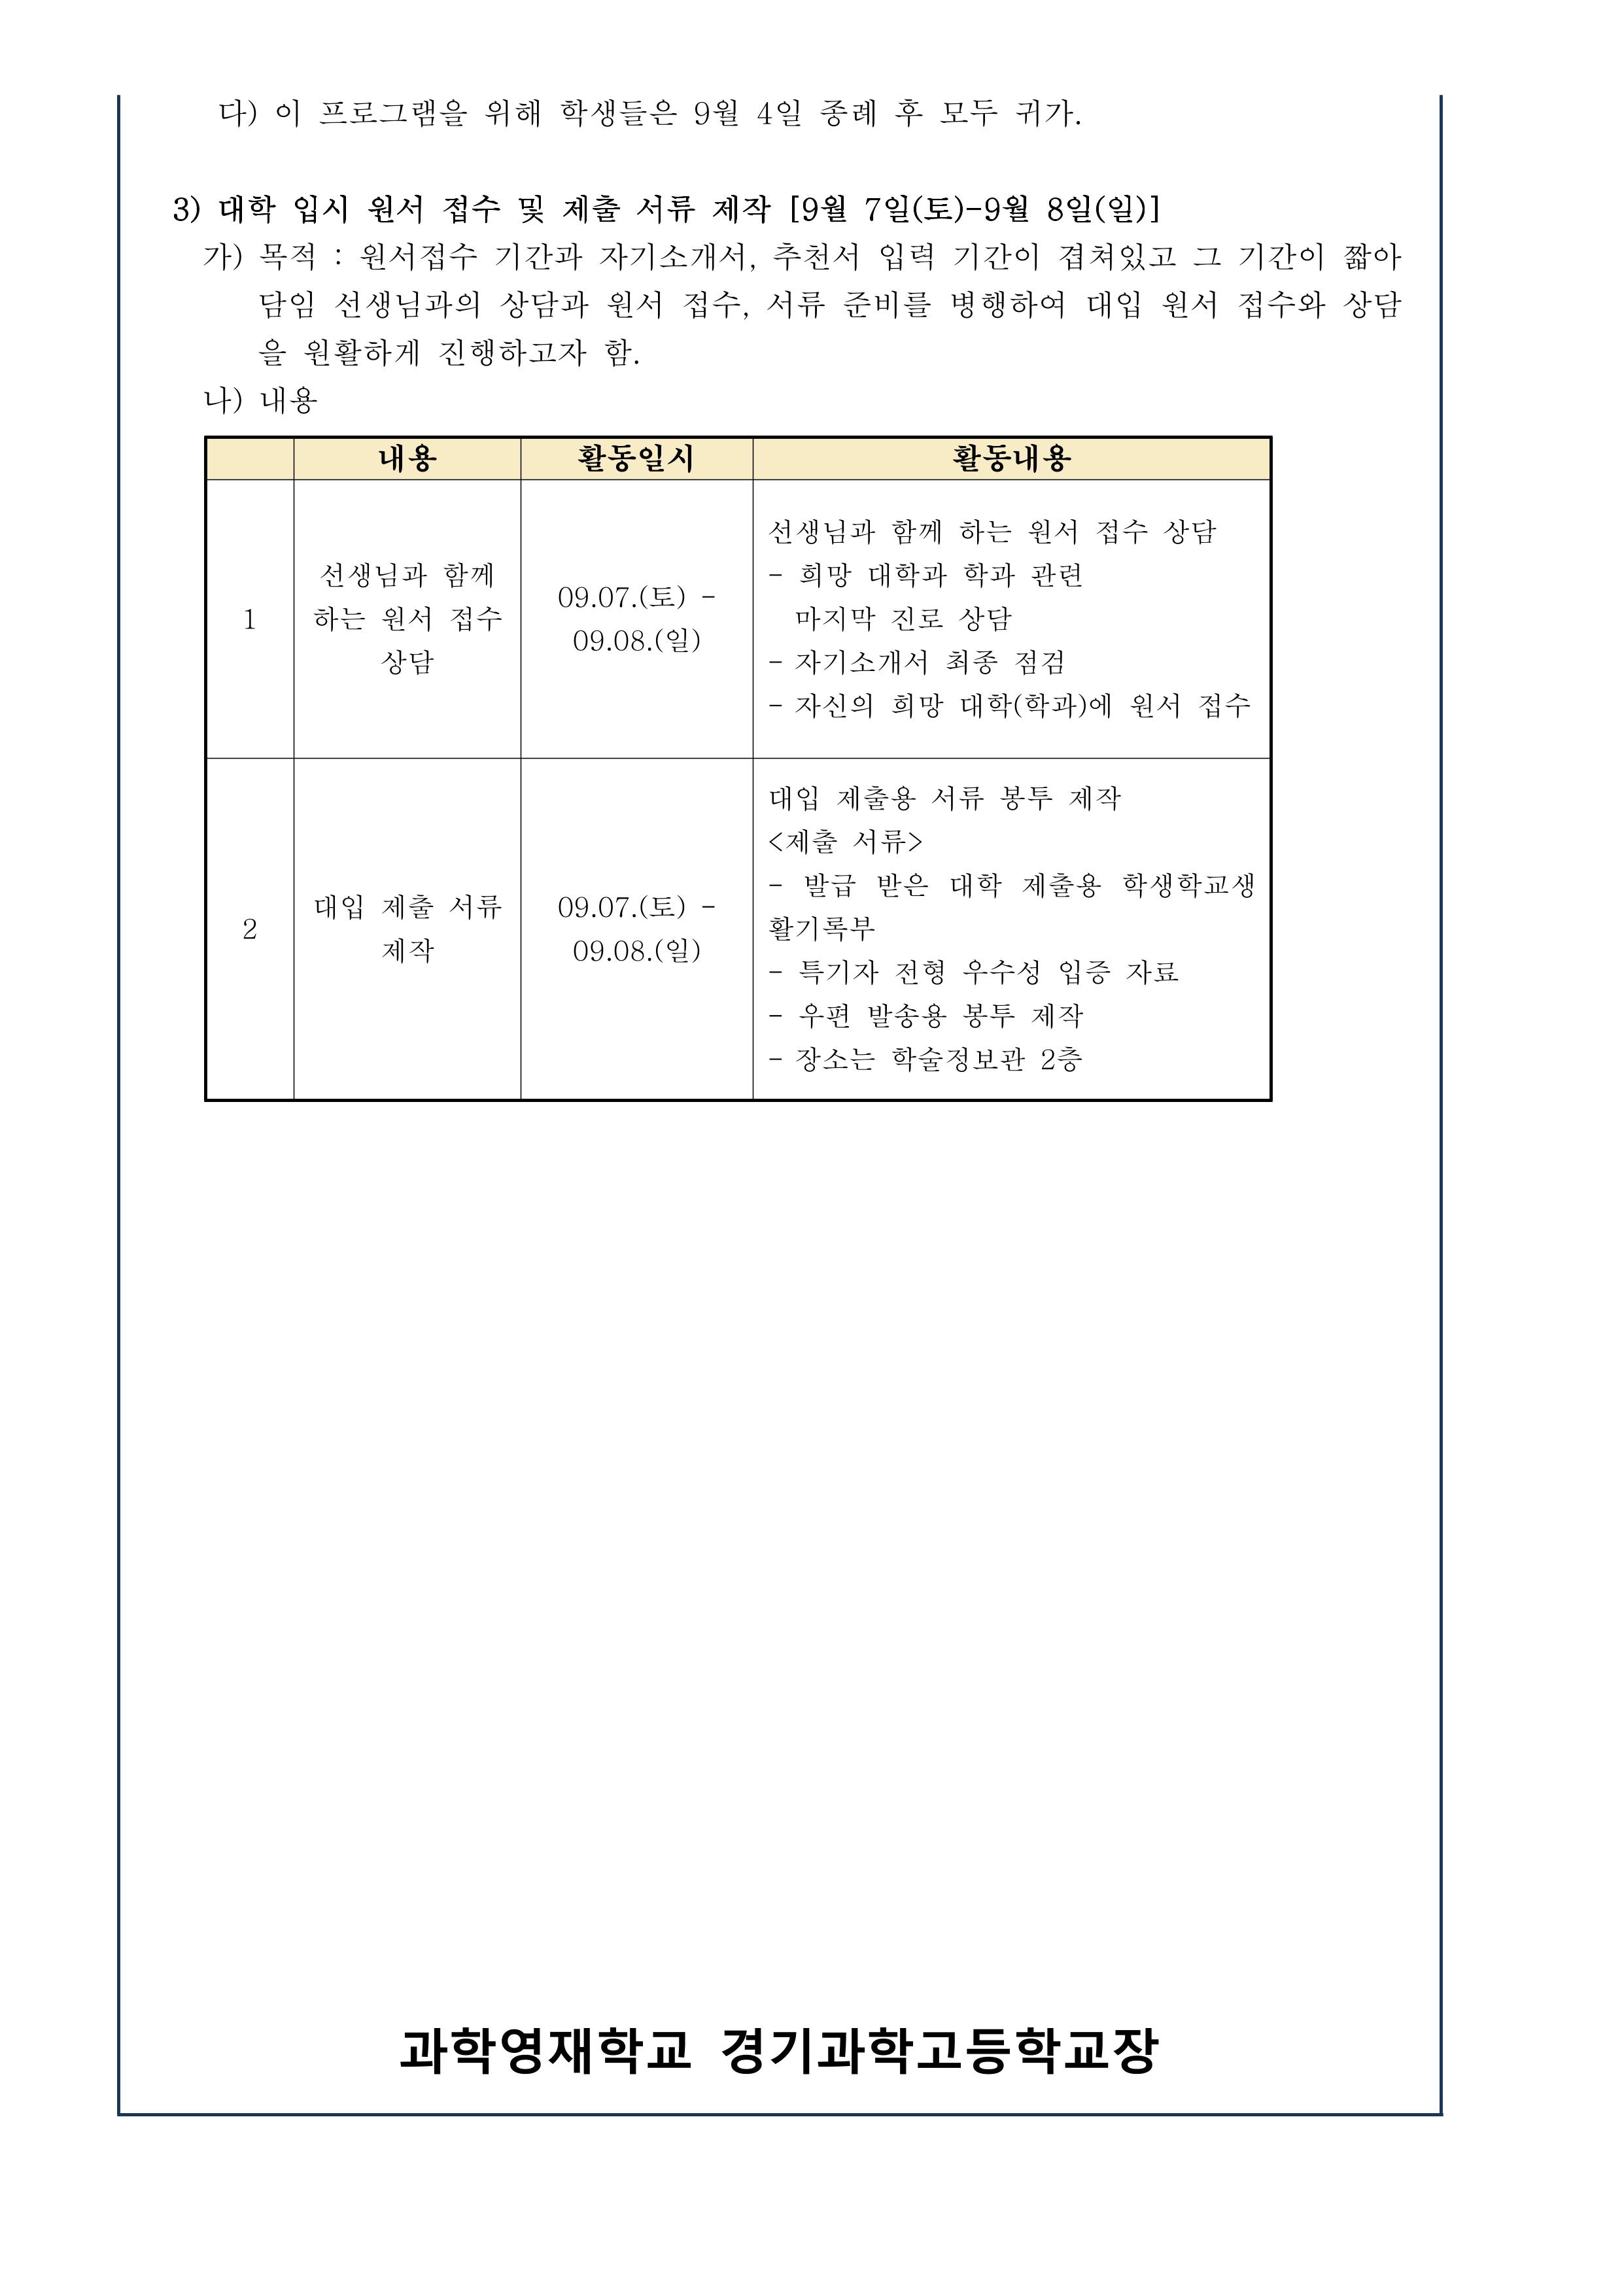 2019 3학년 자율진로탐색 프로그램 안내 1Page.